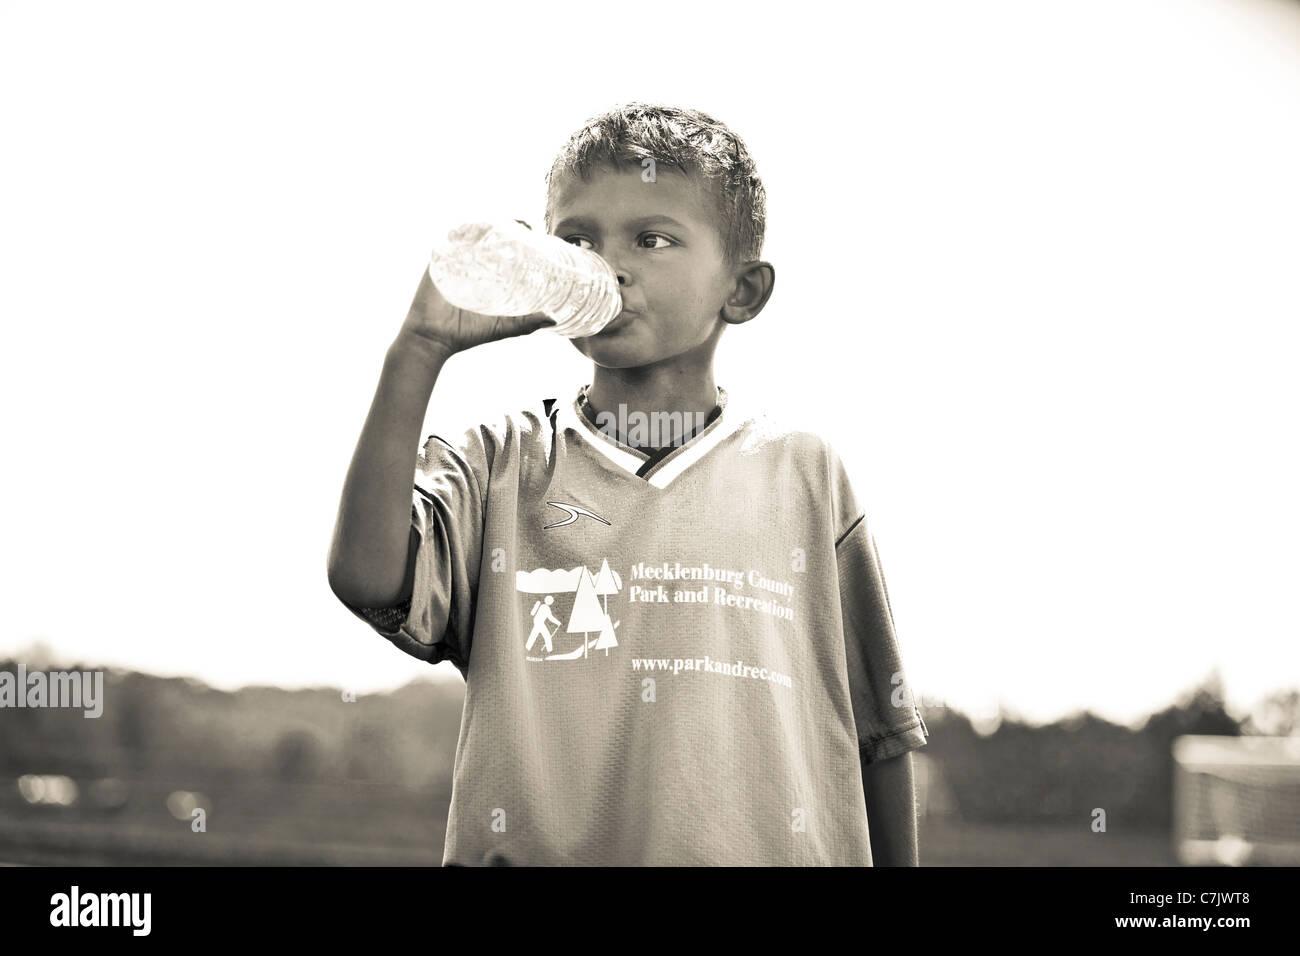 Ritratto di ragazzo di bere acqua in bottiglia Immagini Stock